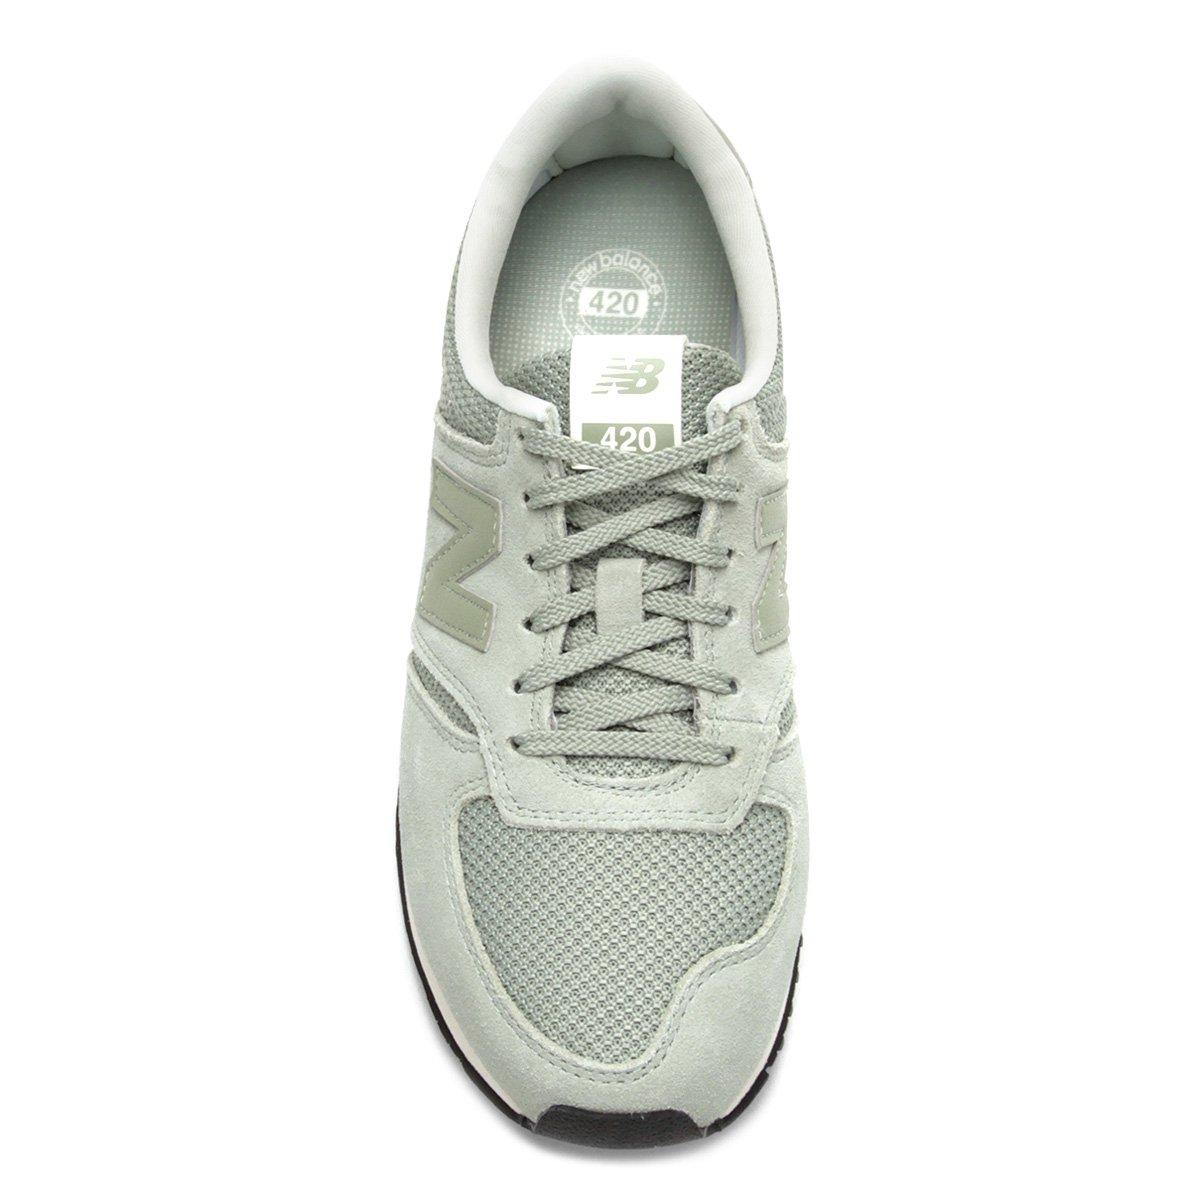 Couro Tênis Verde Tênis Feminino Branco Balance New 420 Couro e 5EZxwqHfx